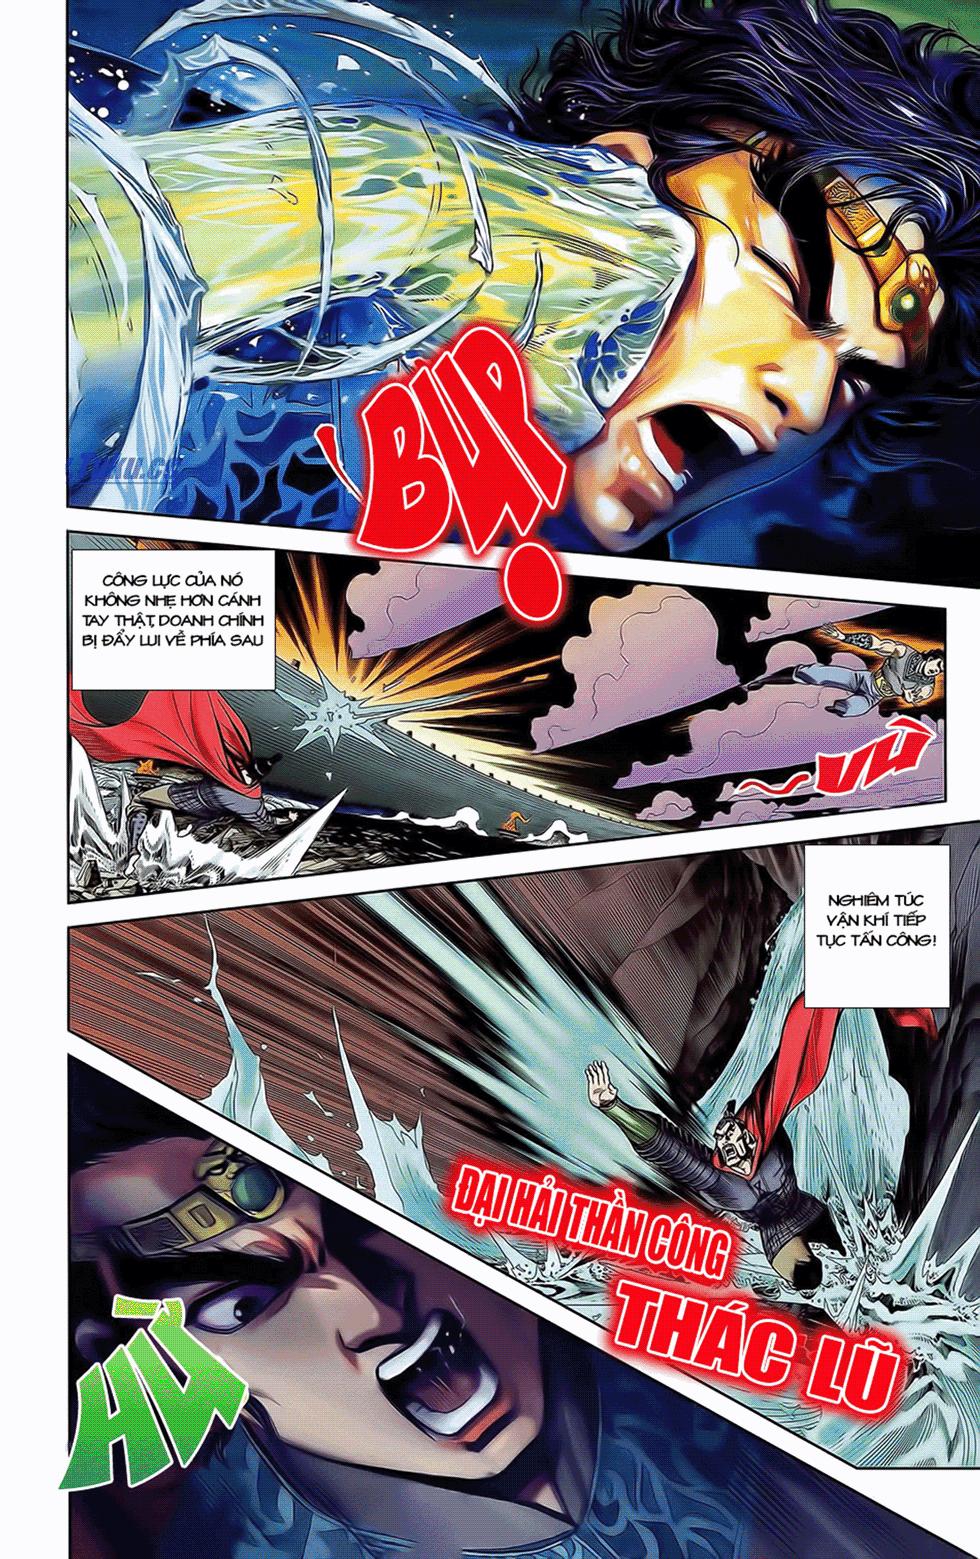 Tần Vương Doanh Chính chapter 11 trang 9